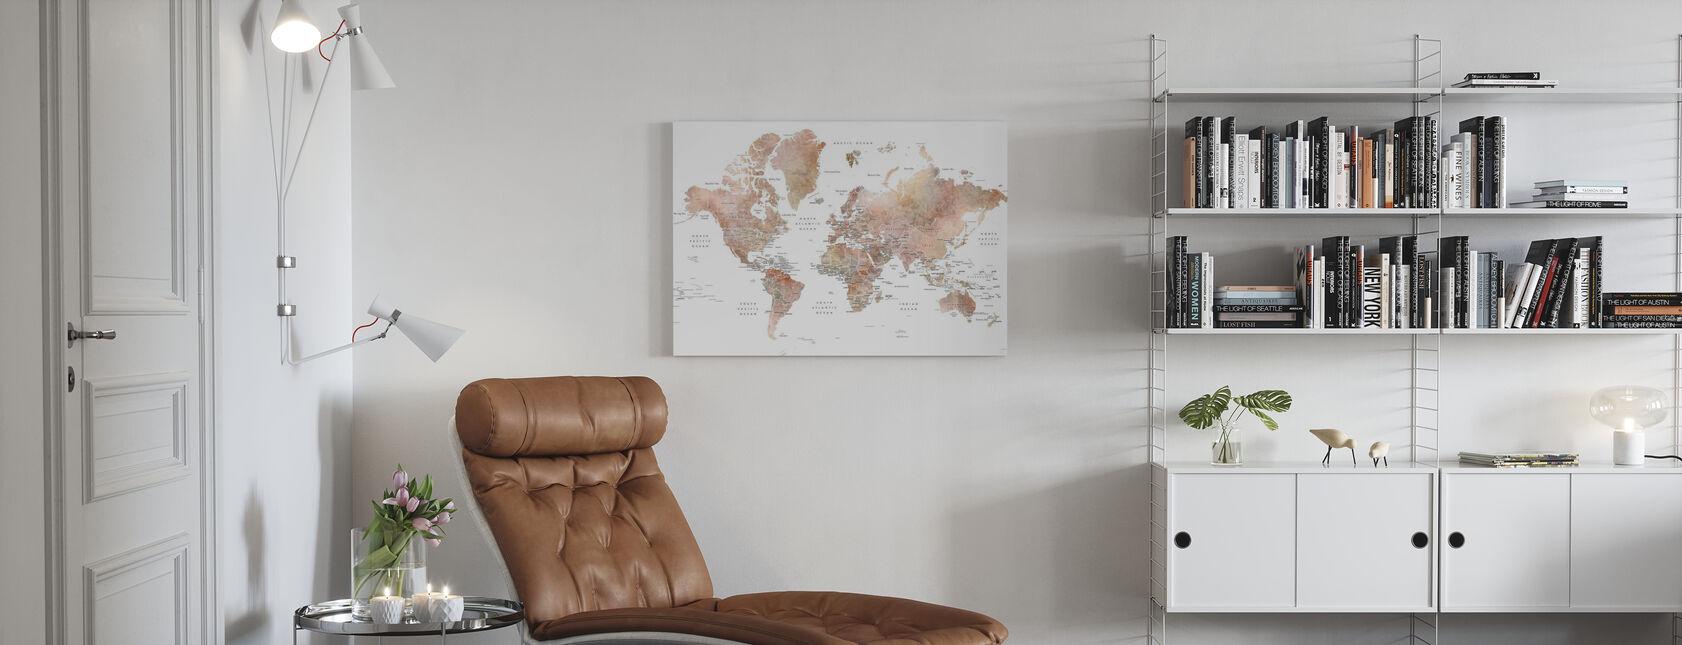 Mappa del mondo con i capitelli - Stampa su tela - Salotto